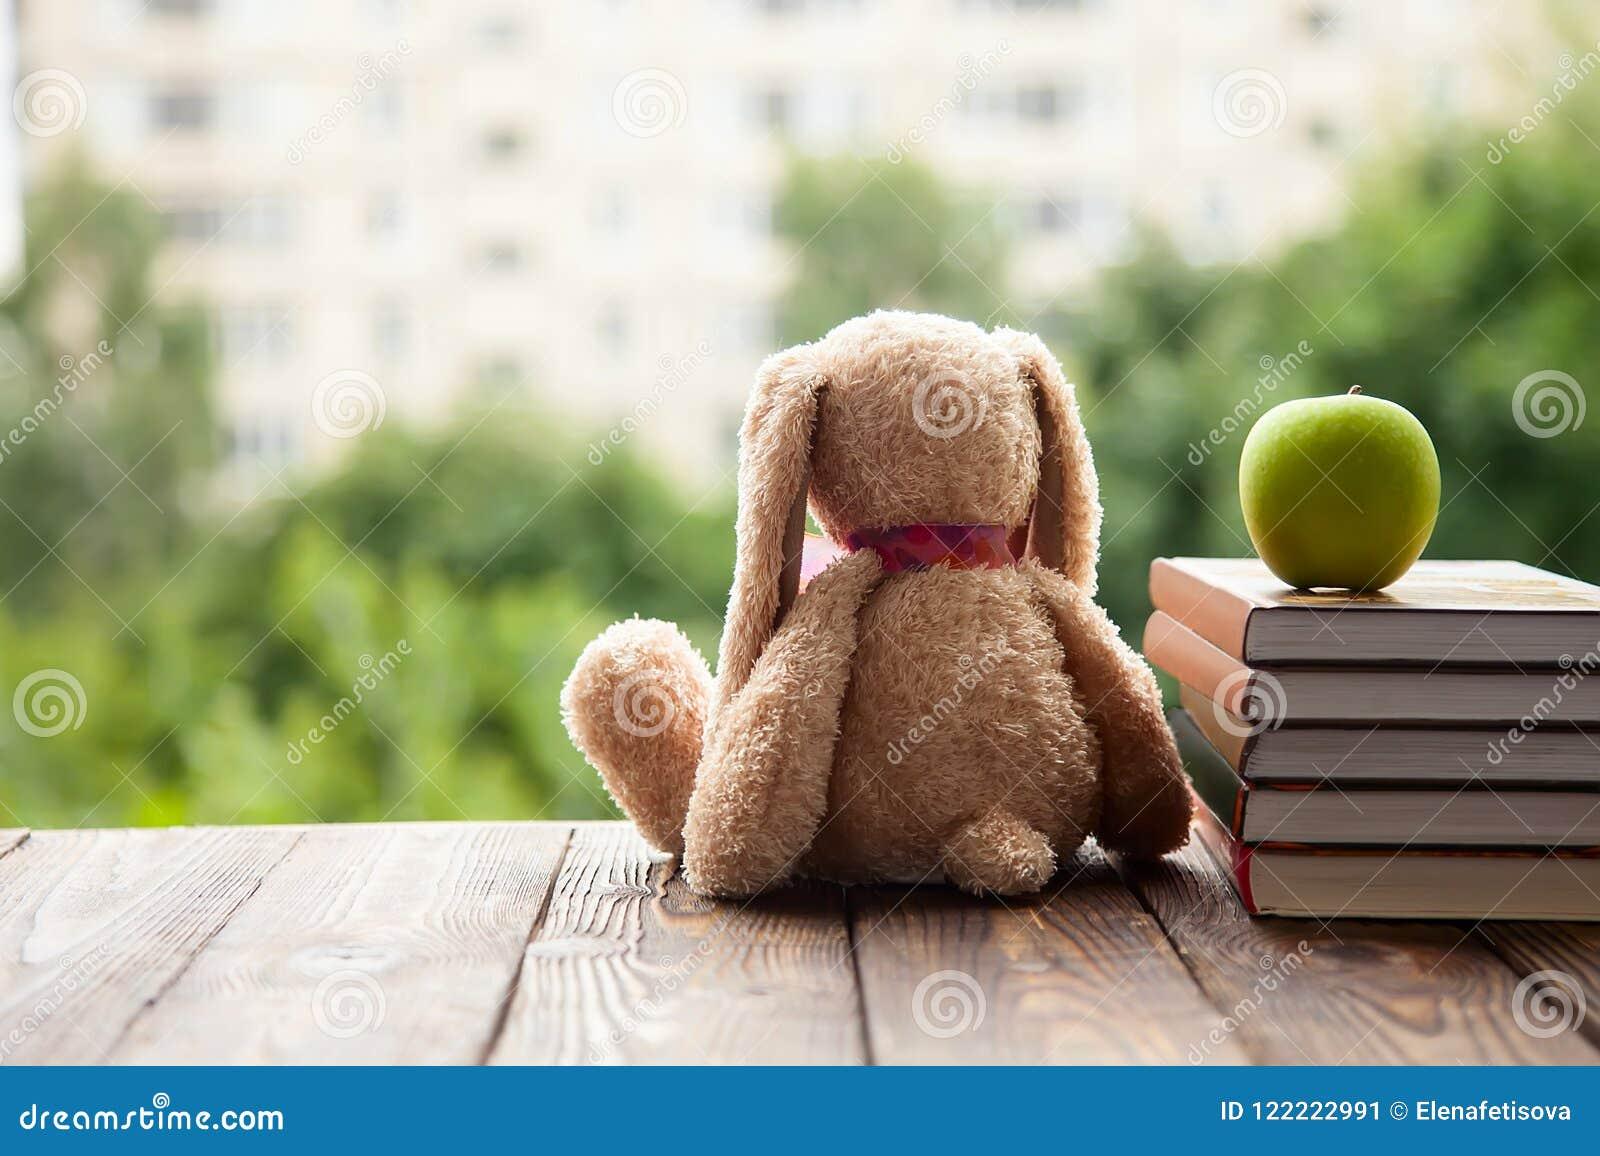 Toy Bunny-de zittingsrug, ligt naast een stapel van boeken en groen Apple Concept in afwachting van het nieuwe schooljaar